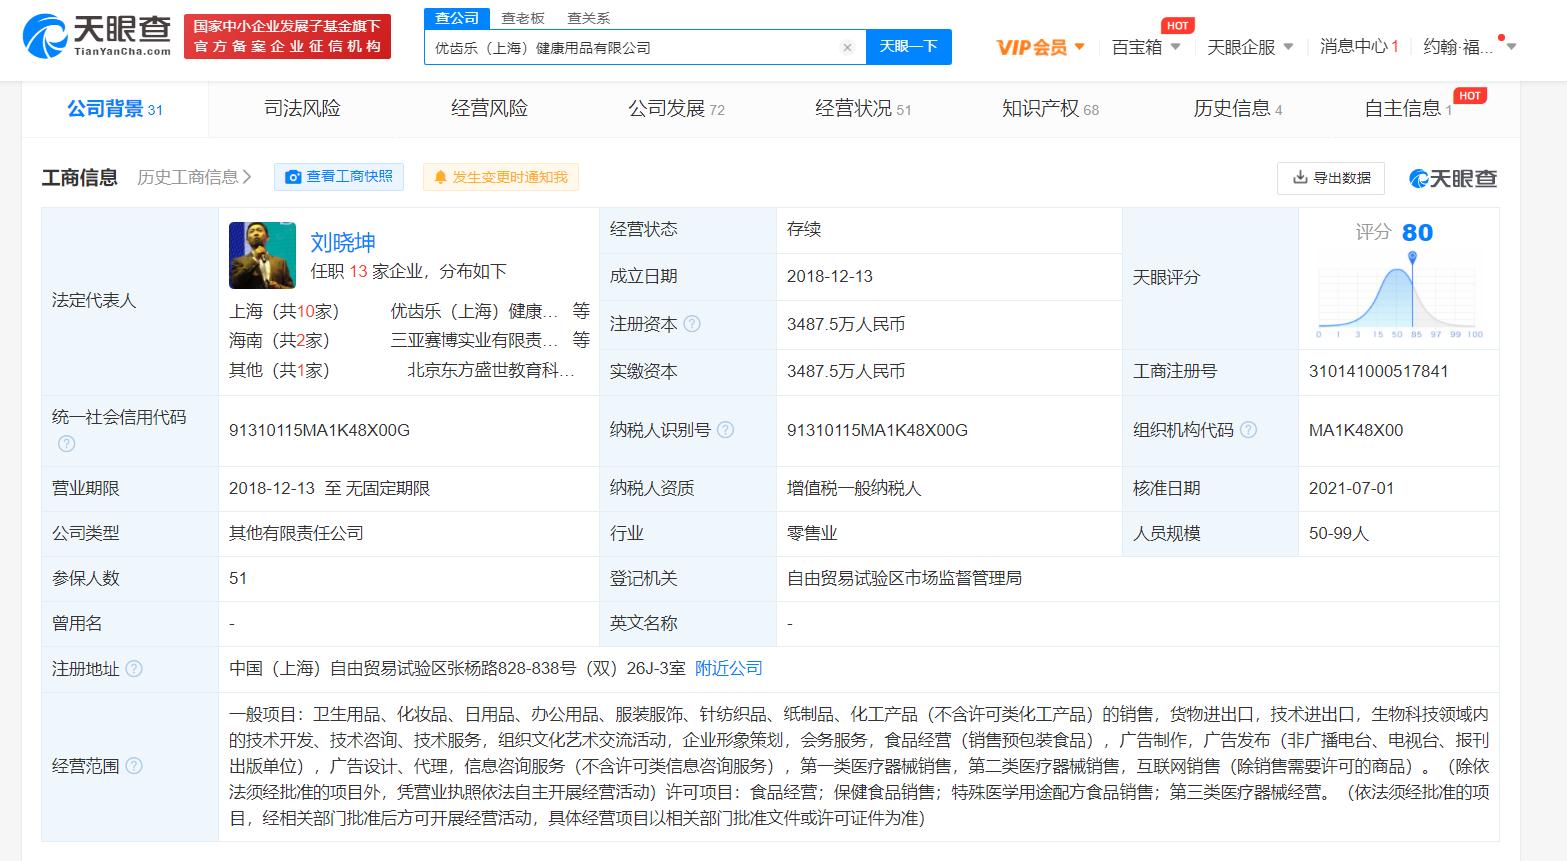 刘强东章泽天关联公司经营范围新增医疗器械销售